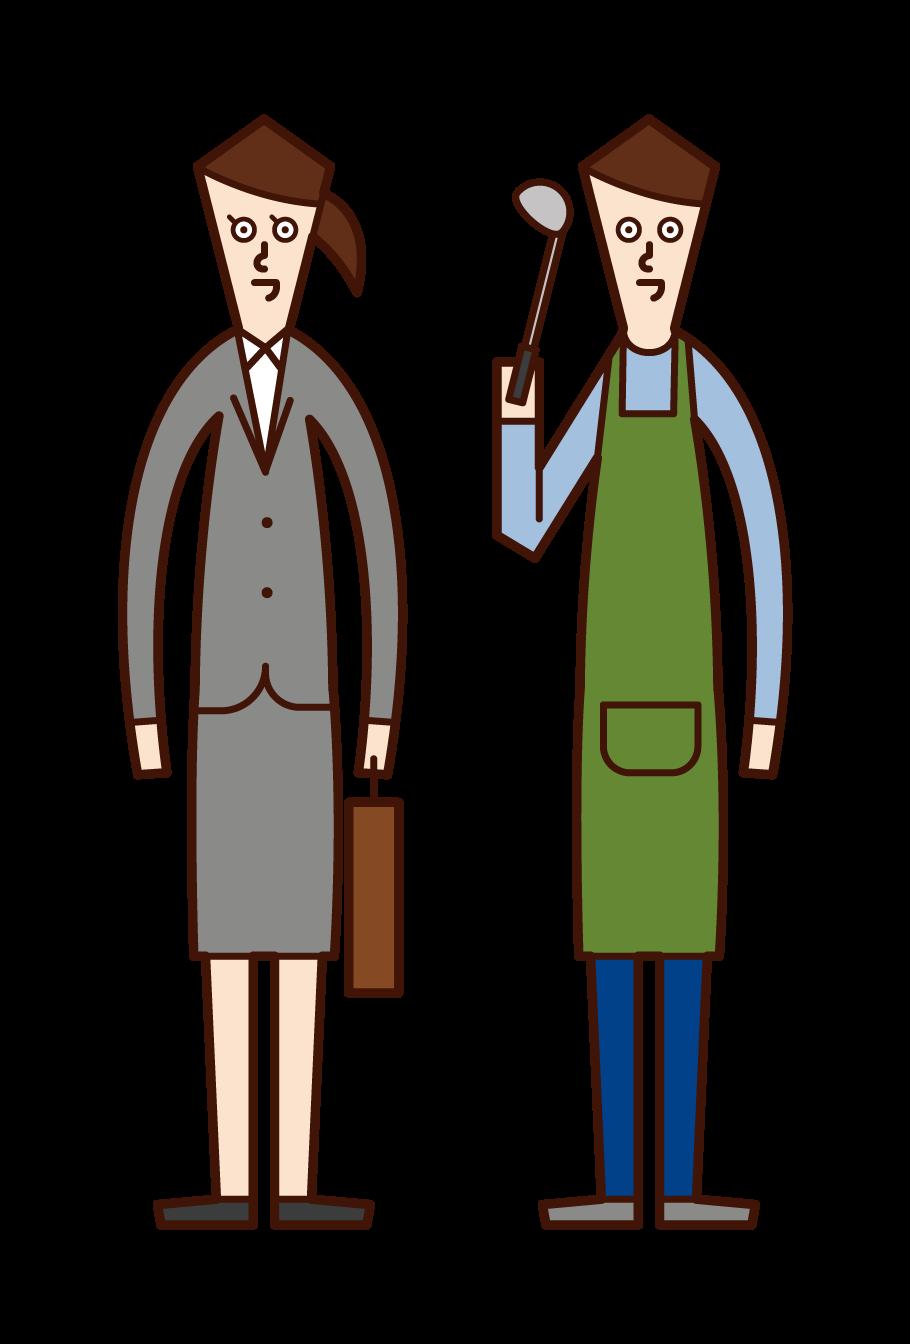 전임 남편 (남성) 및 회사 직원 (여성)의 아내의 그림